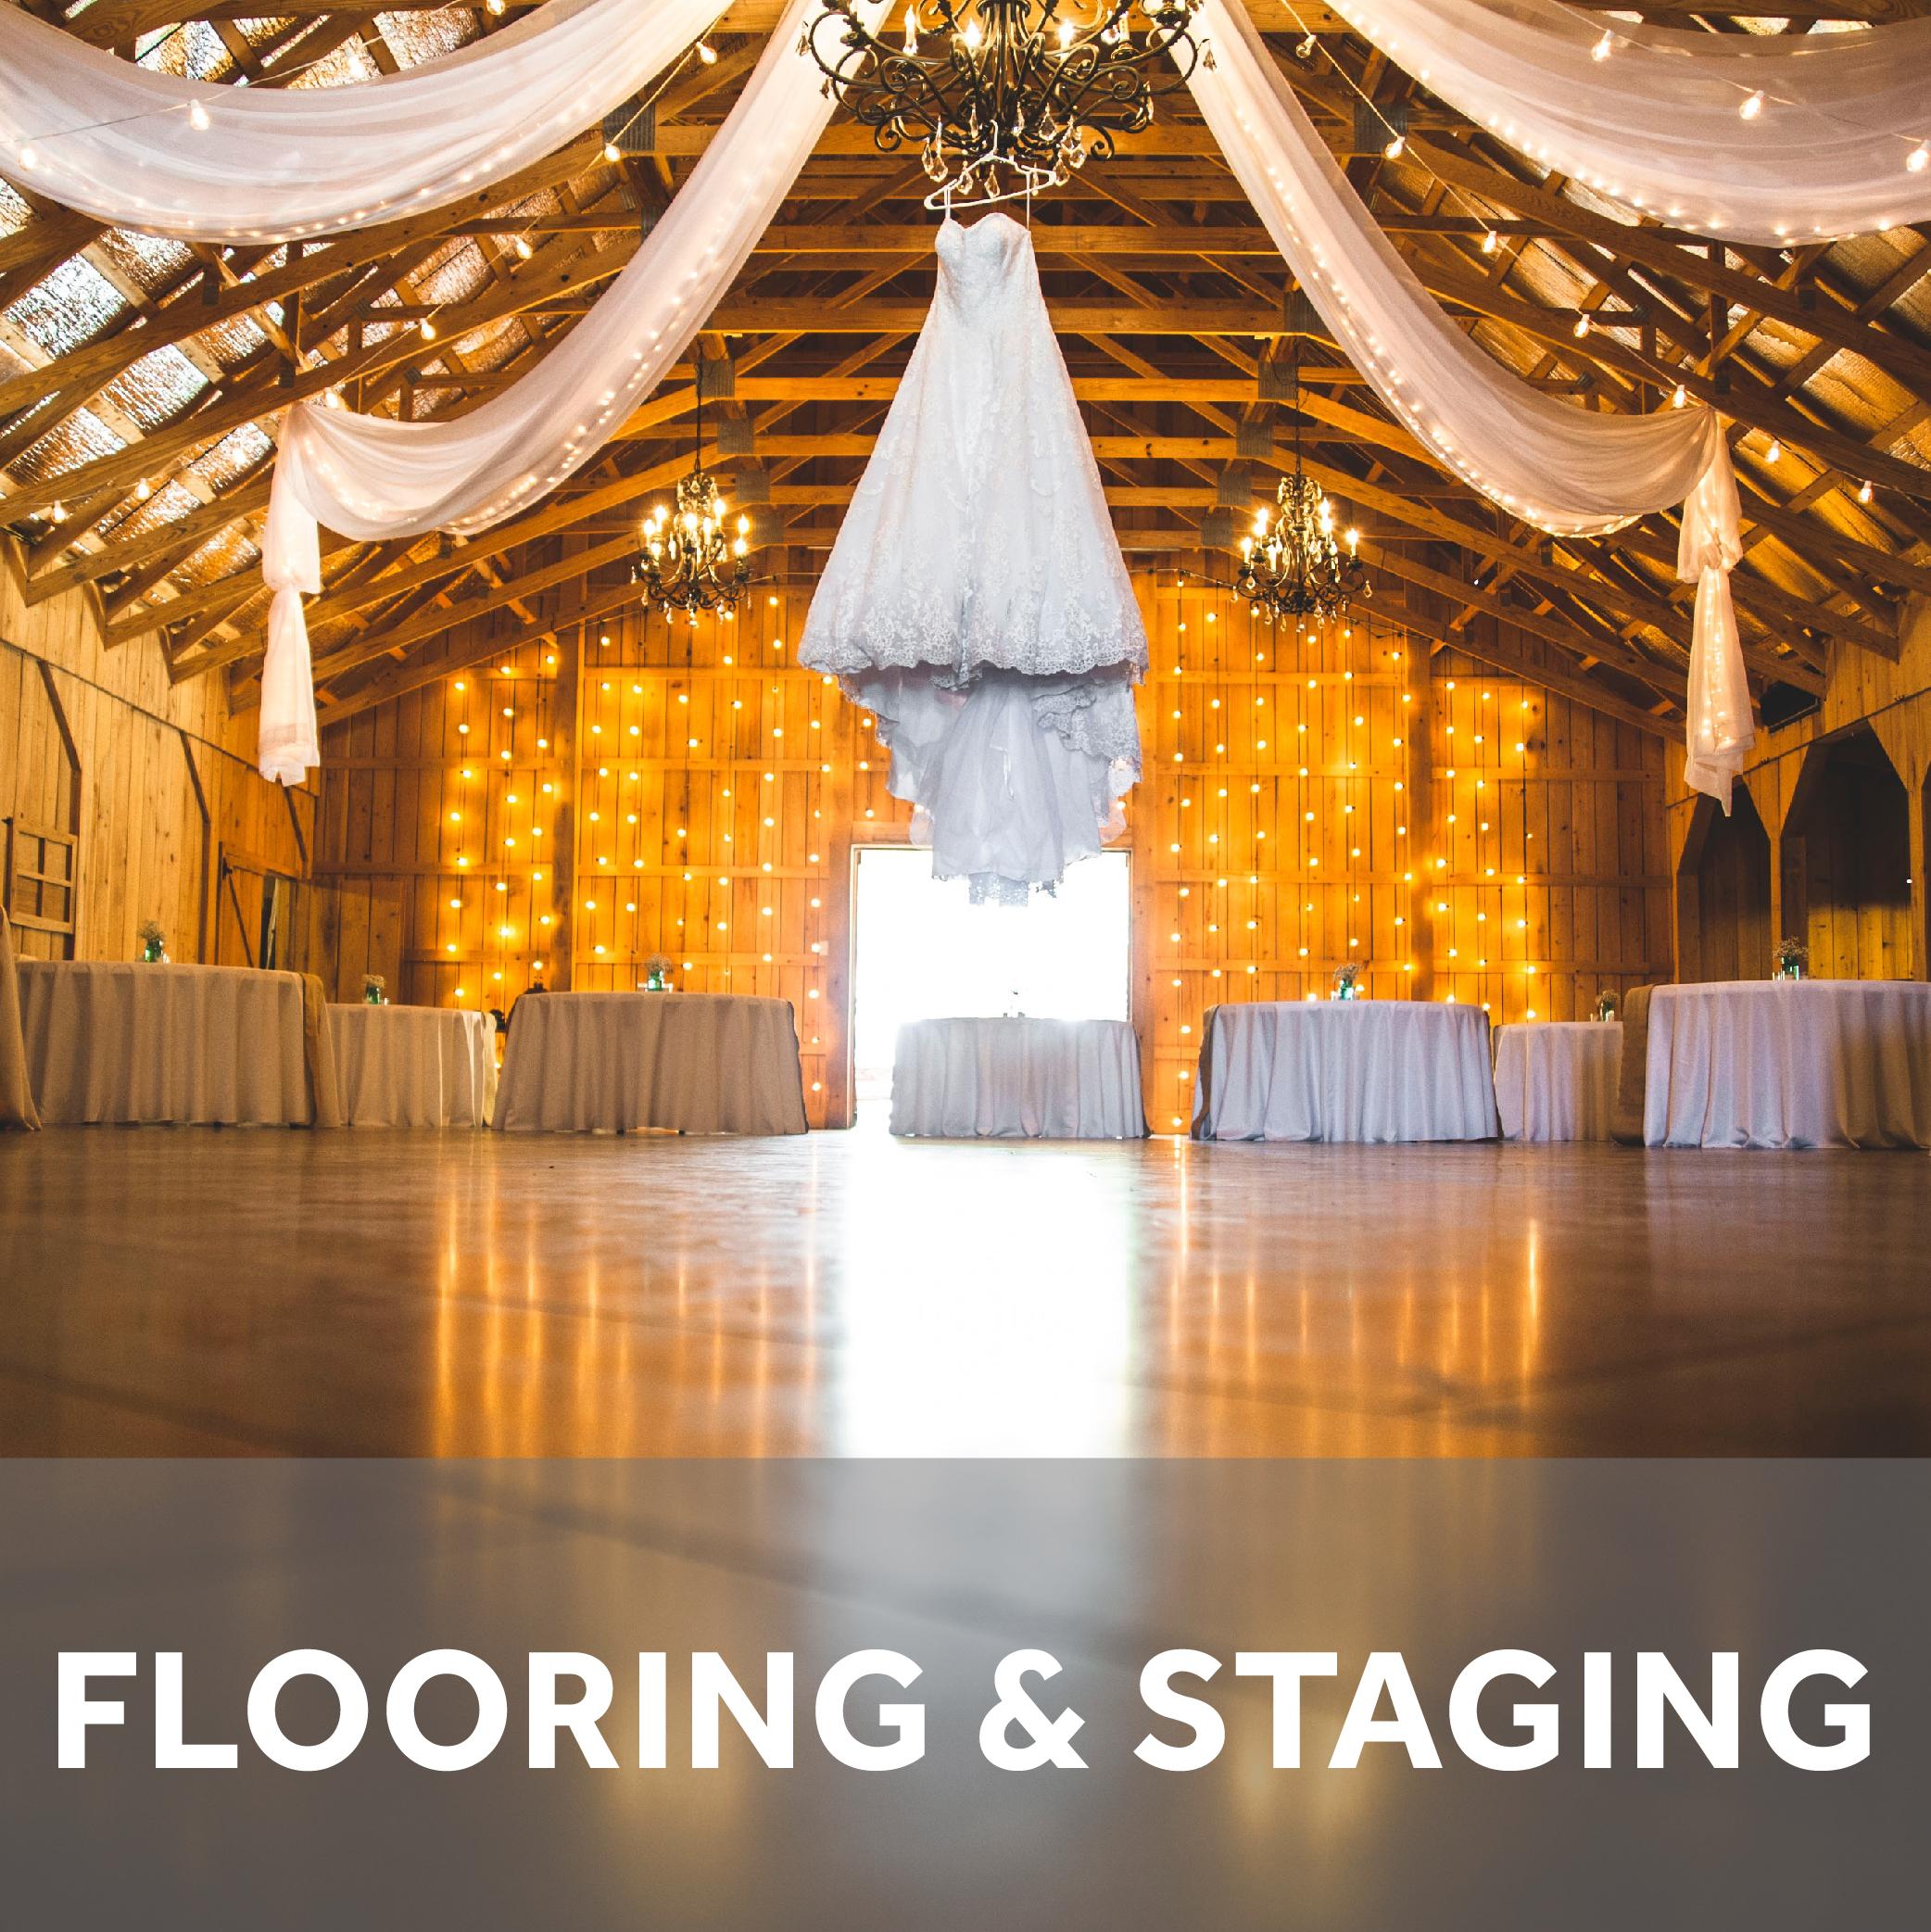 flooring-staging.jpg